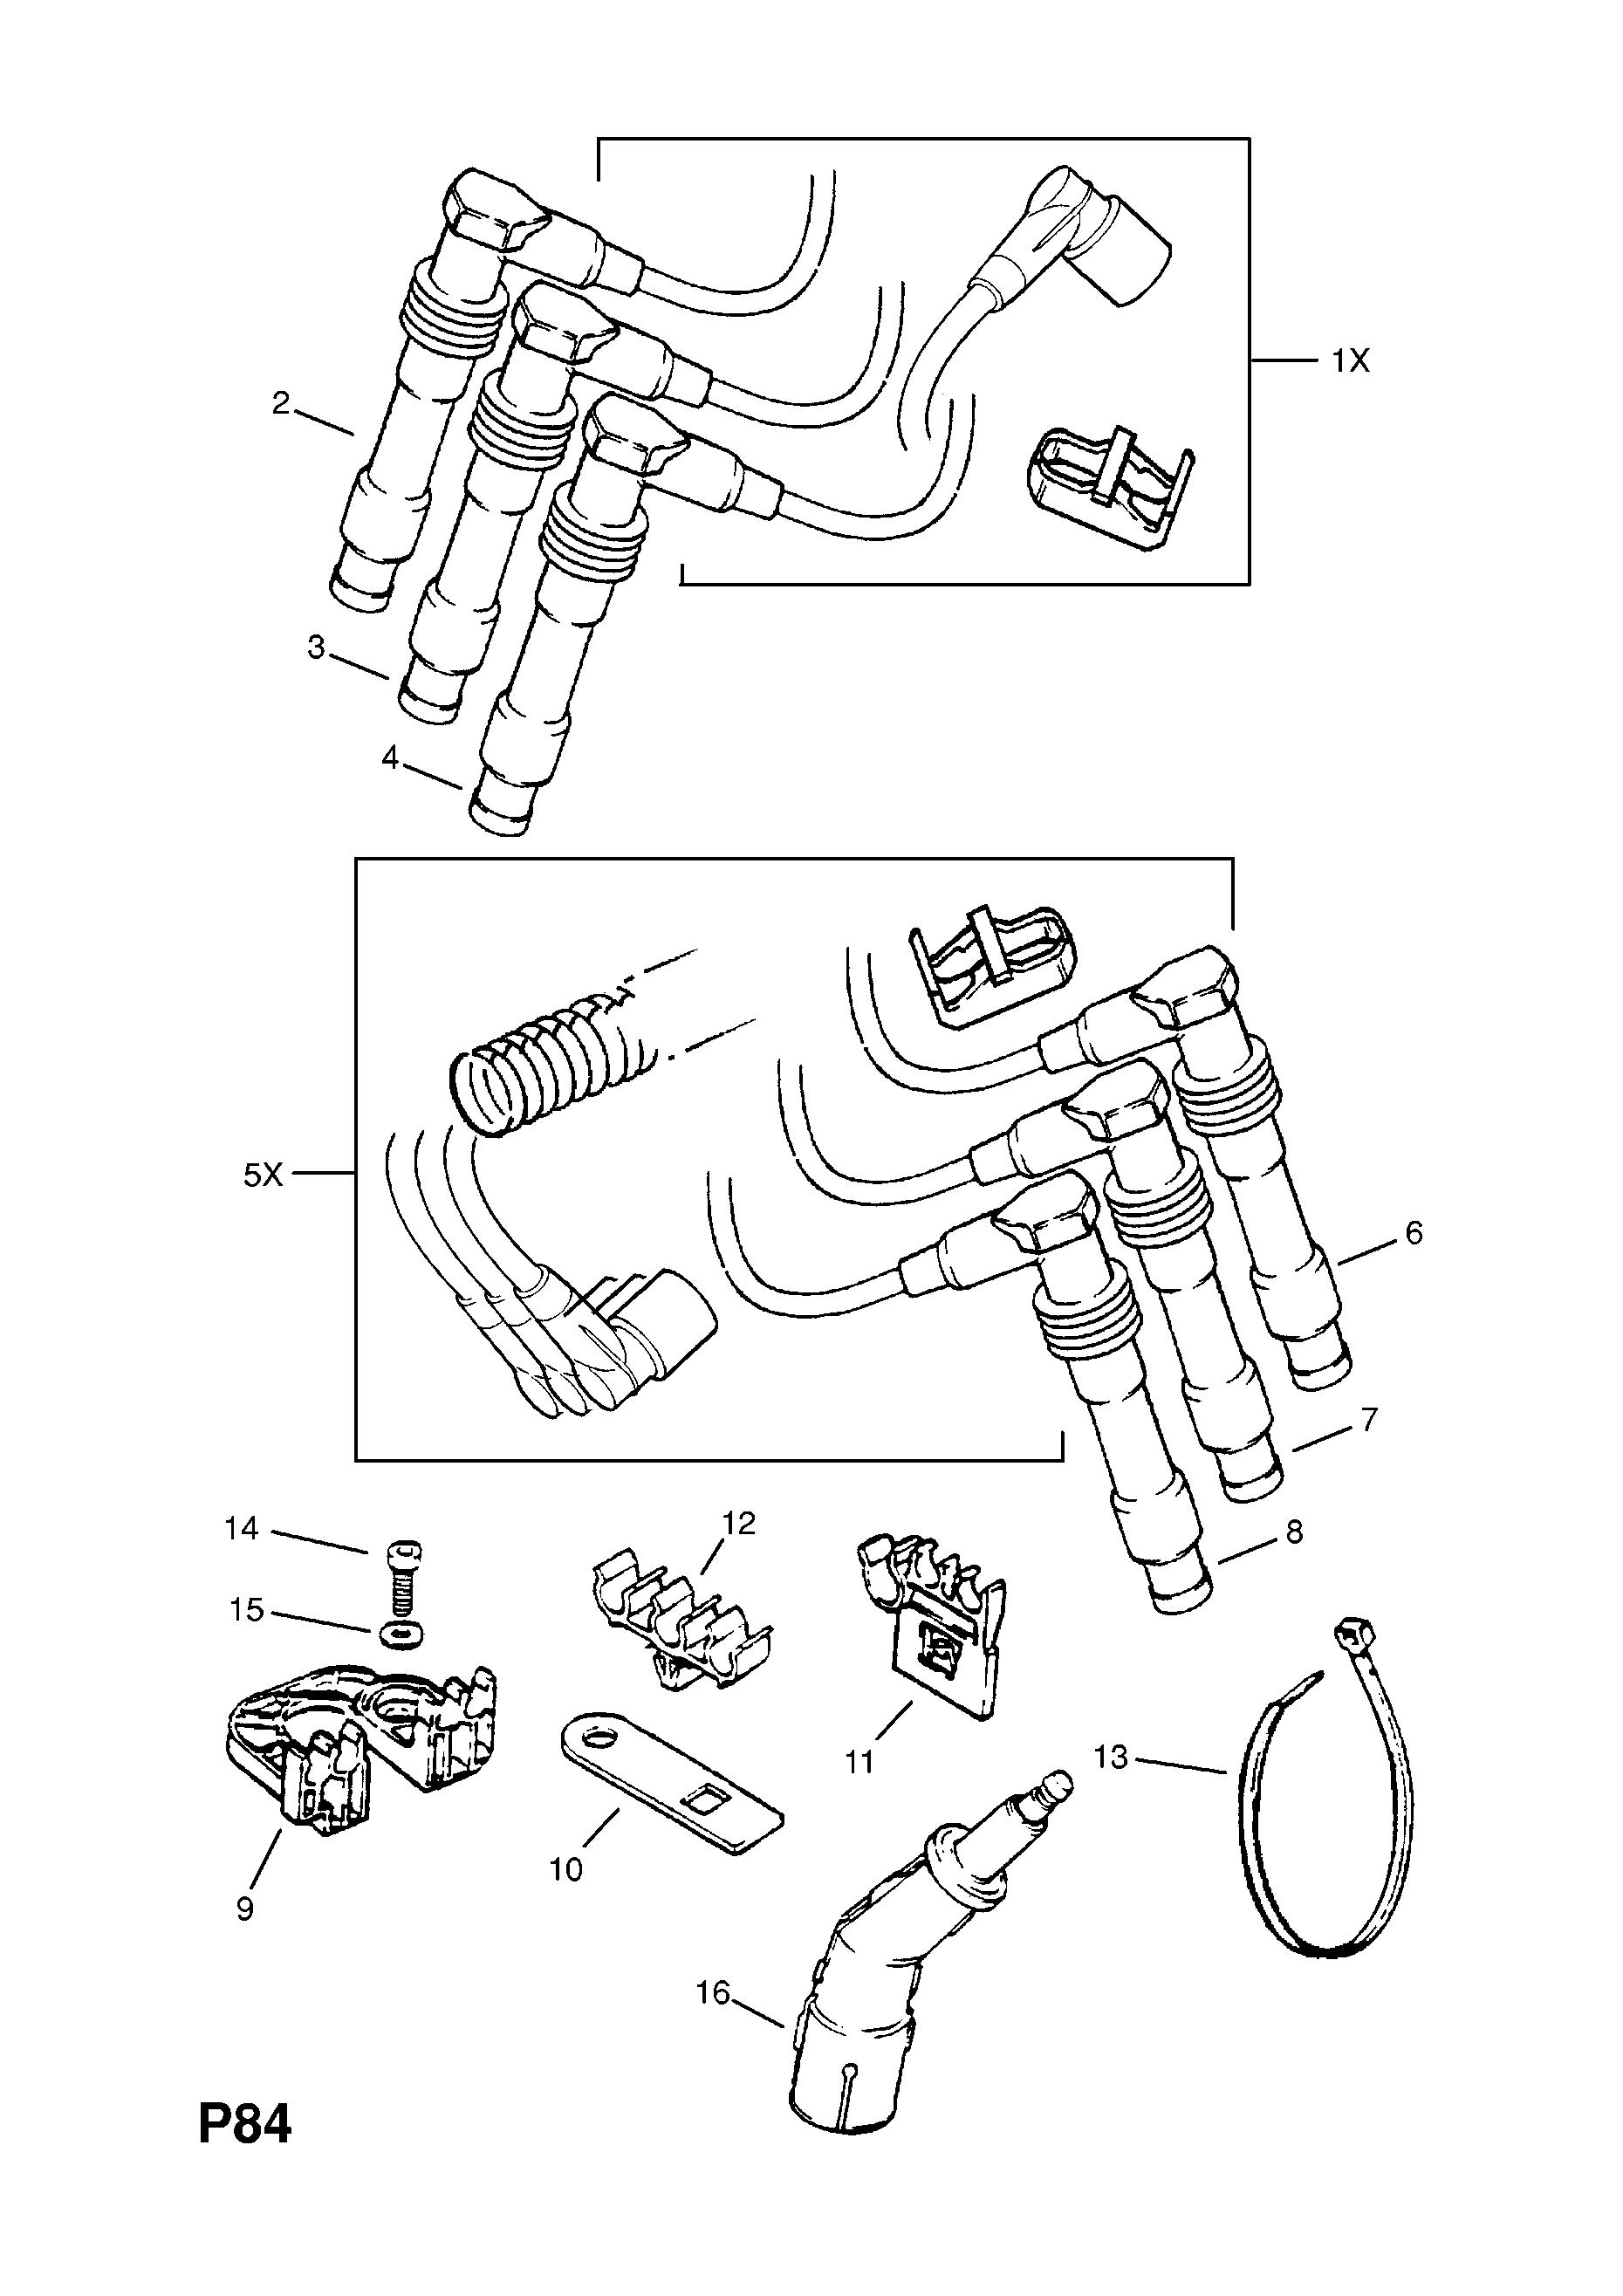 2003 Rav4 Wiring Diagram - Cars Wiring Diagram